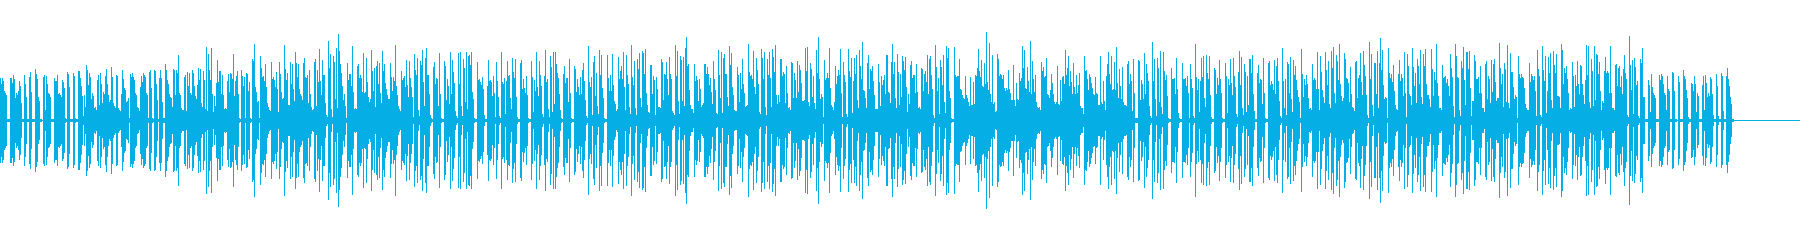 明るくテンポの良いエレピミュージックの再生済みの波形